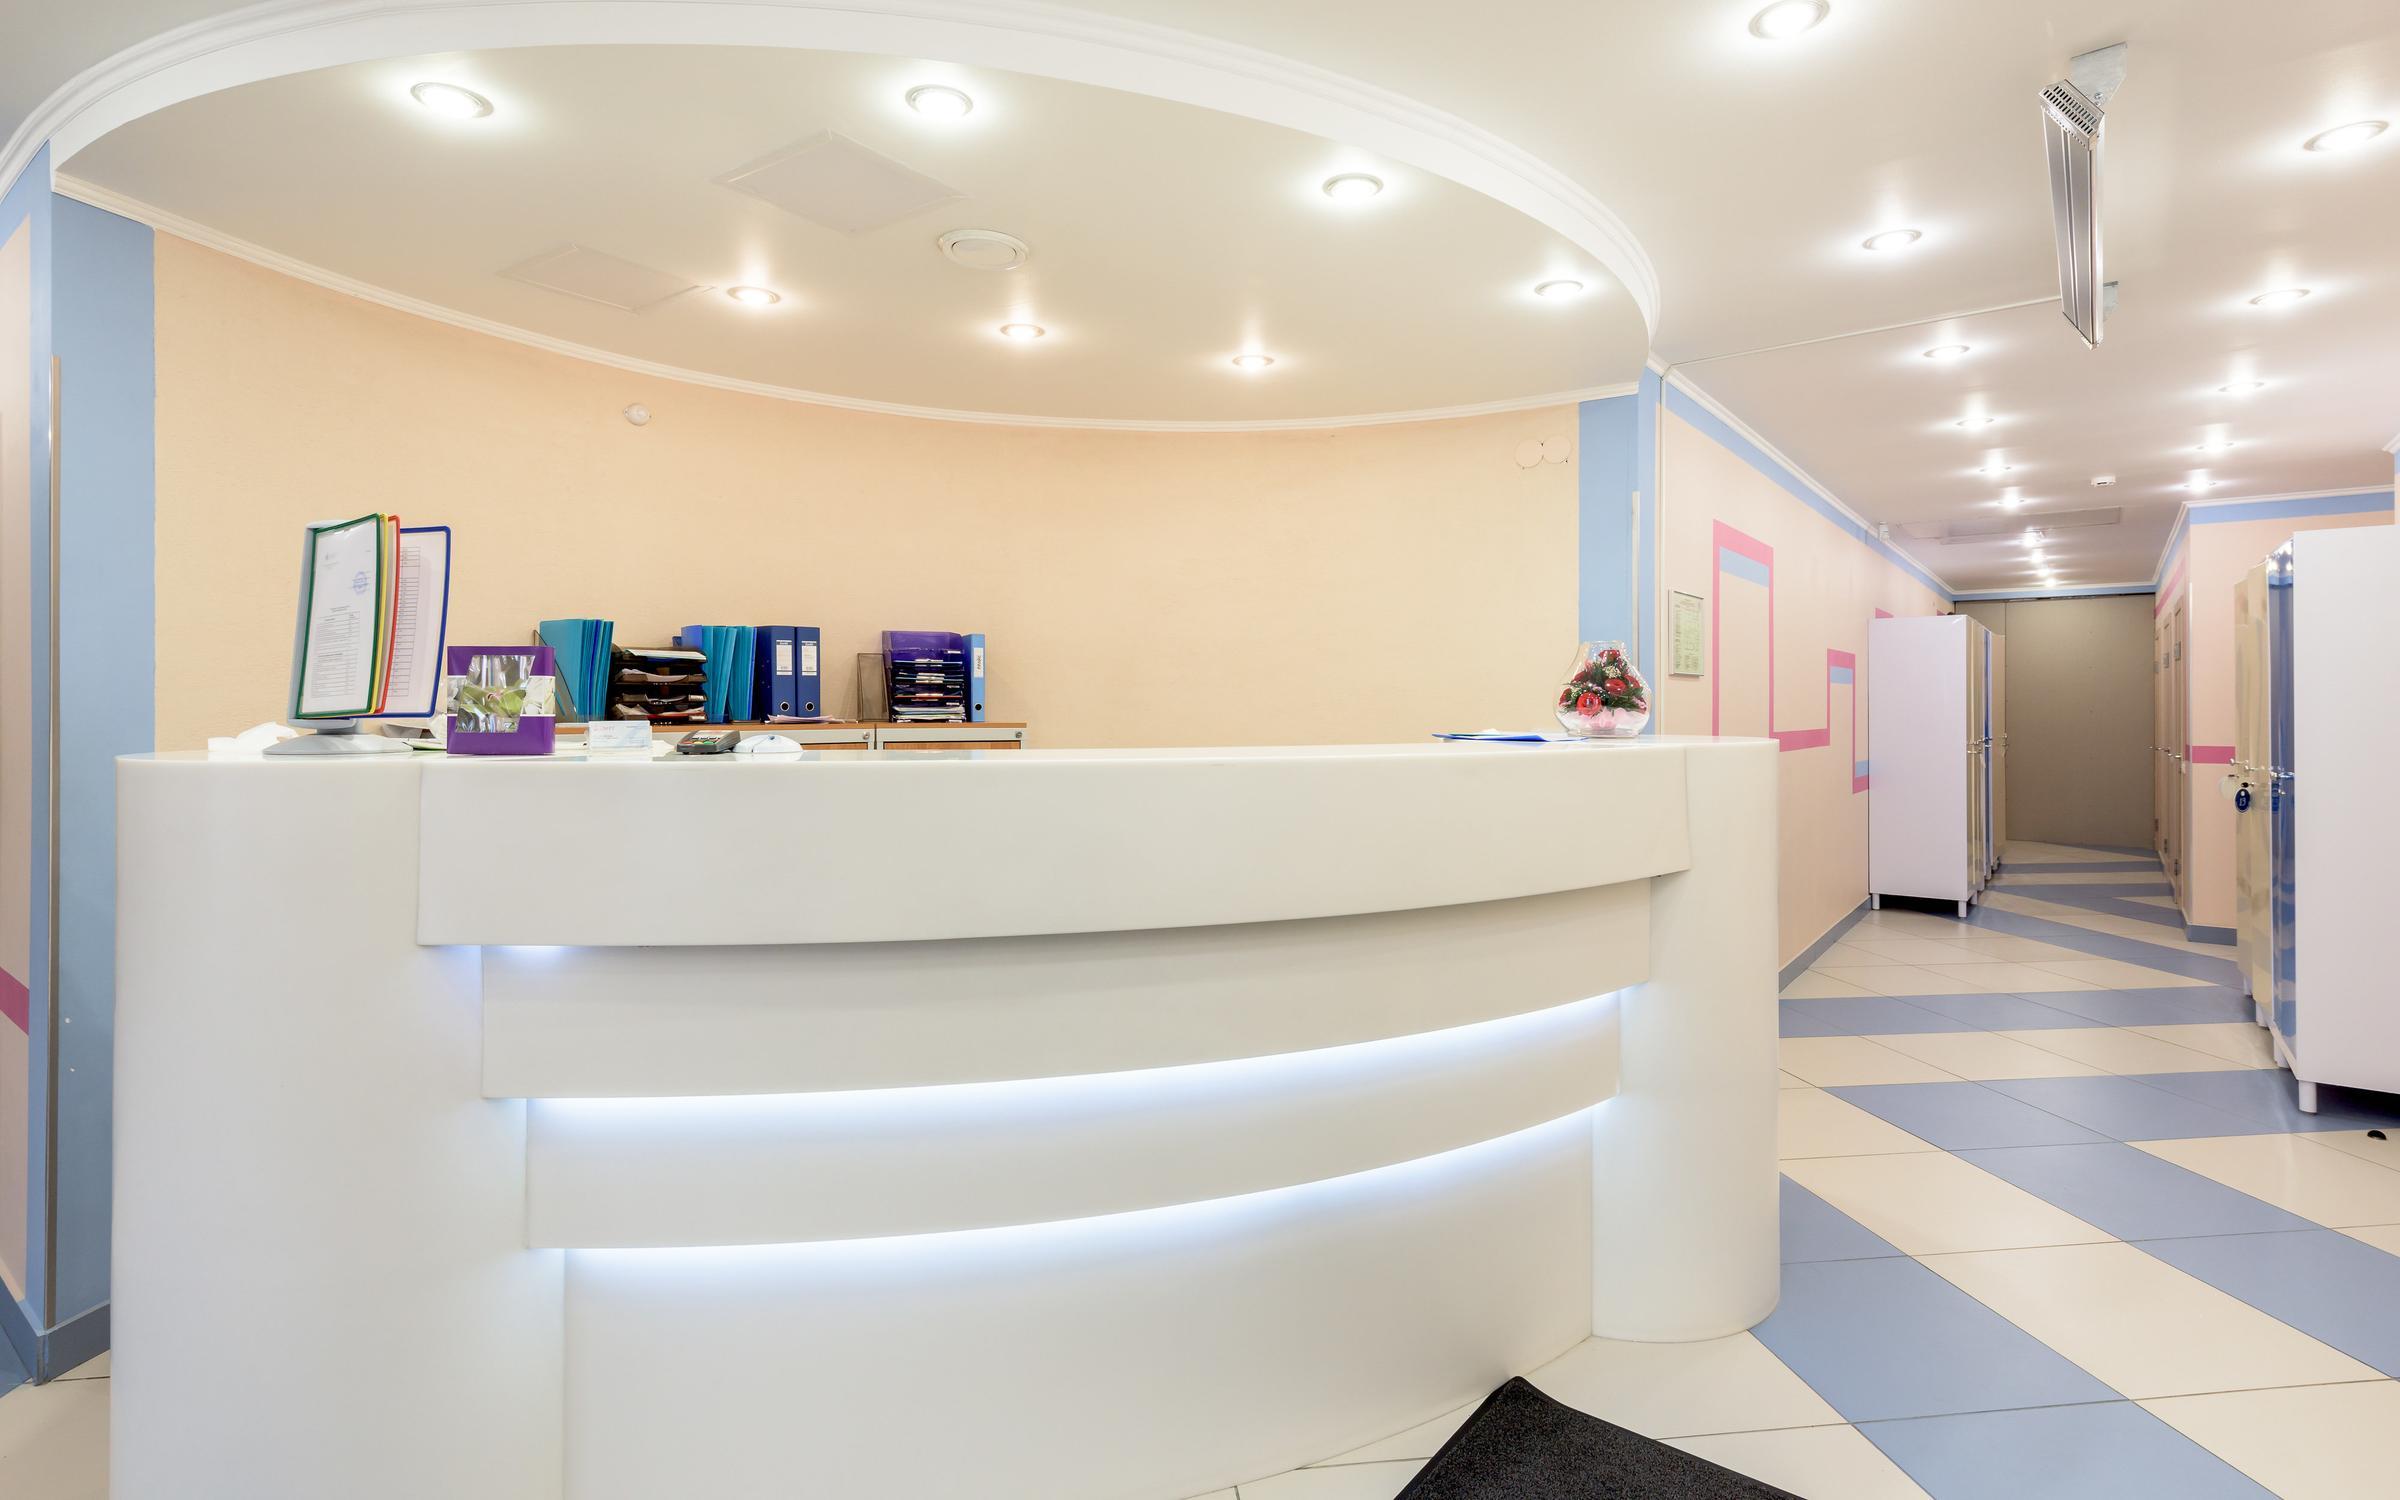 фотография Лечебно-диагностического медицинского центра ЦМРТ на Ленской улице